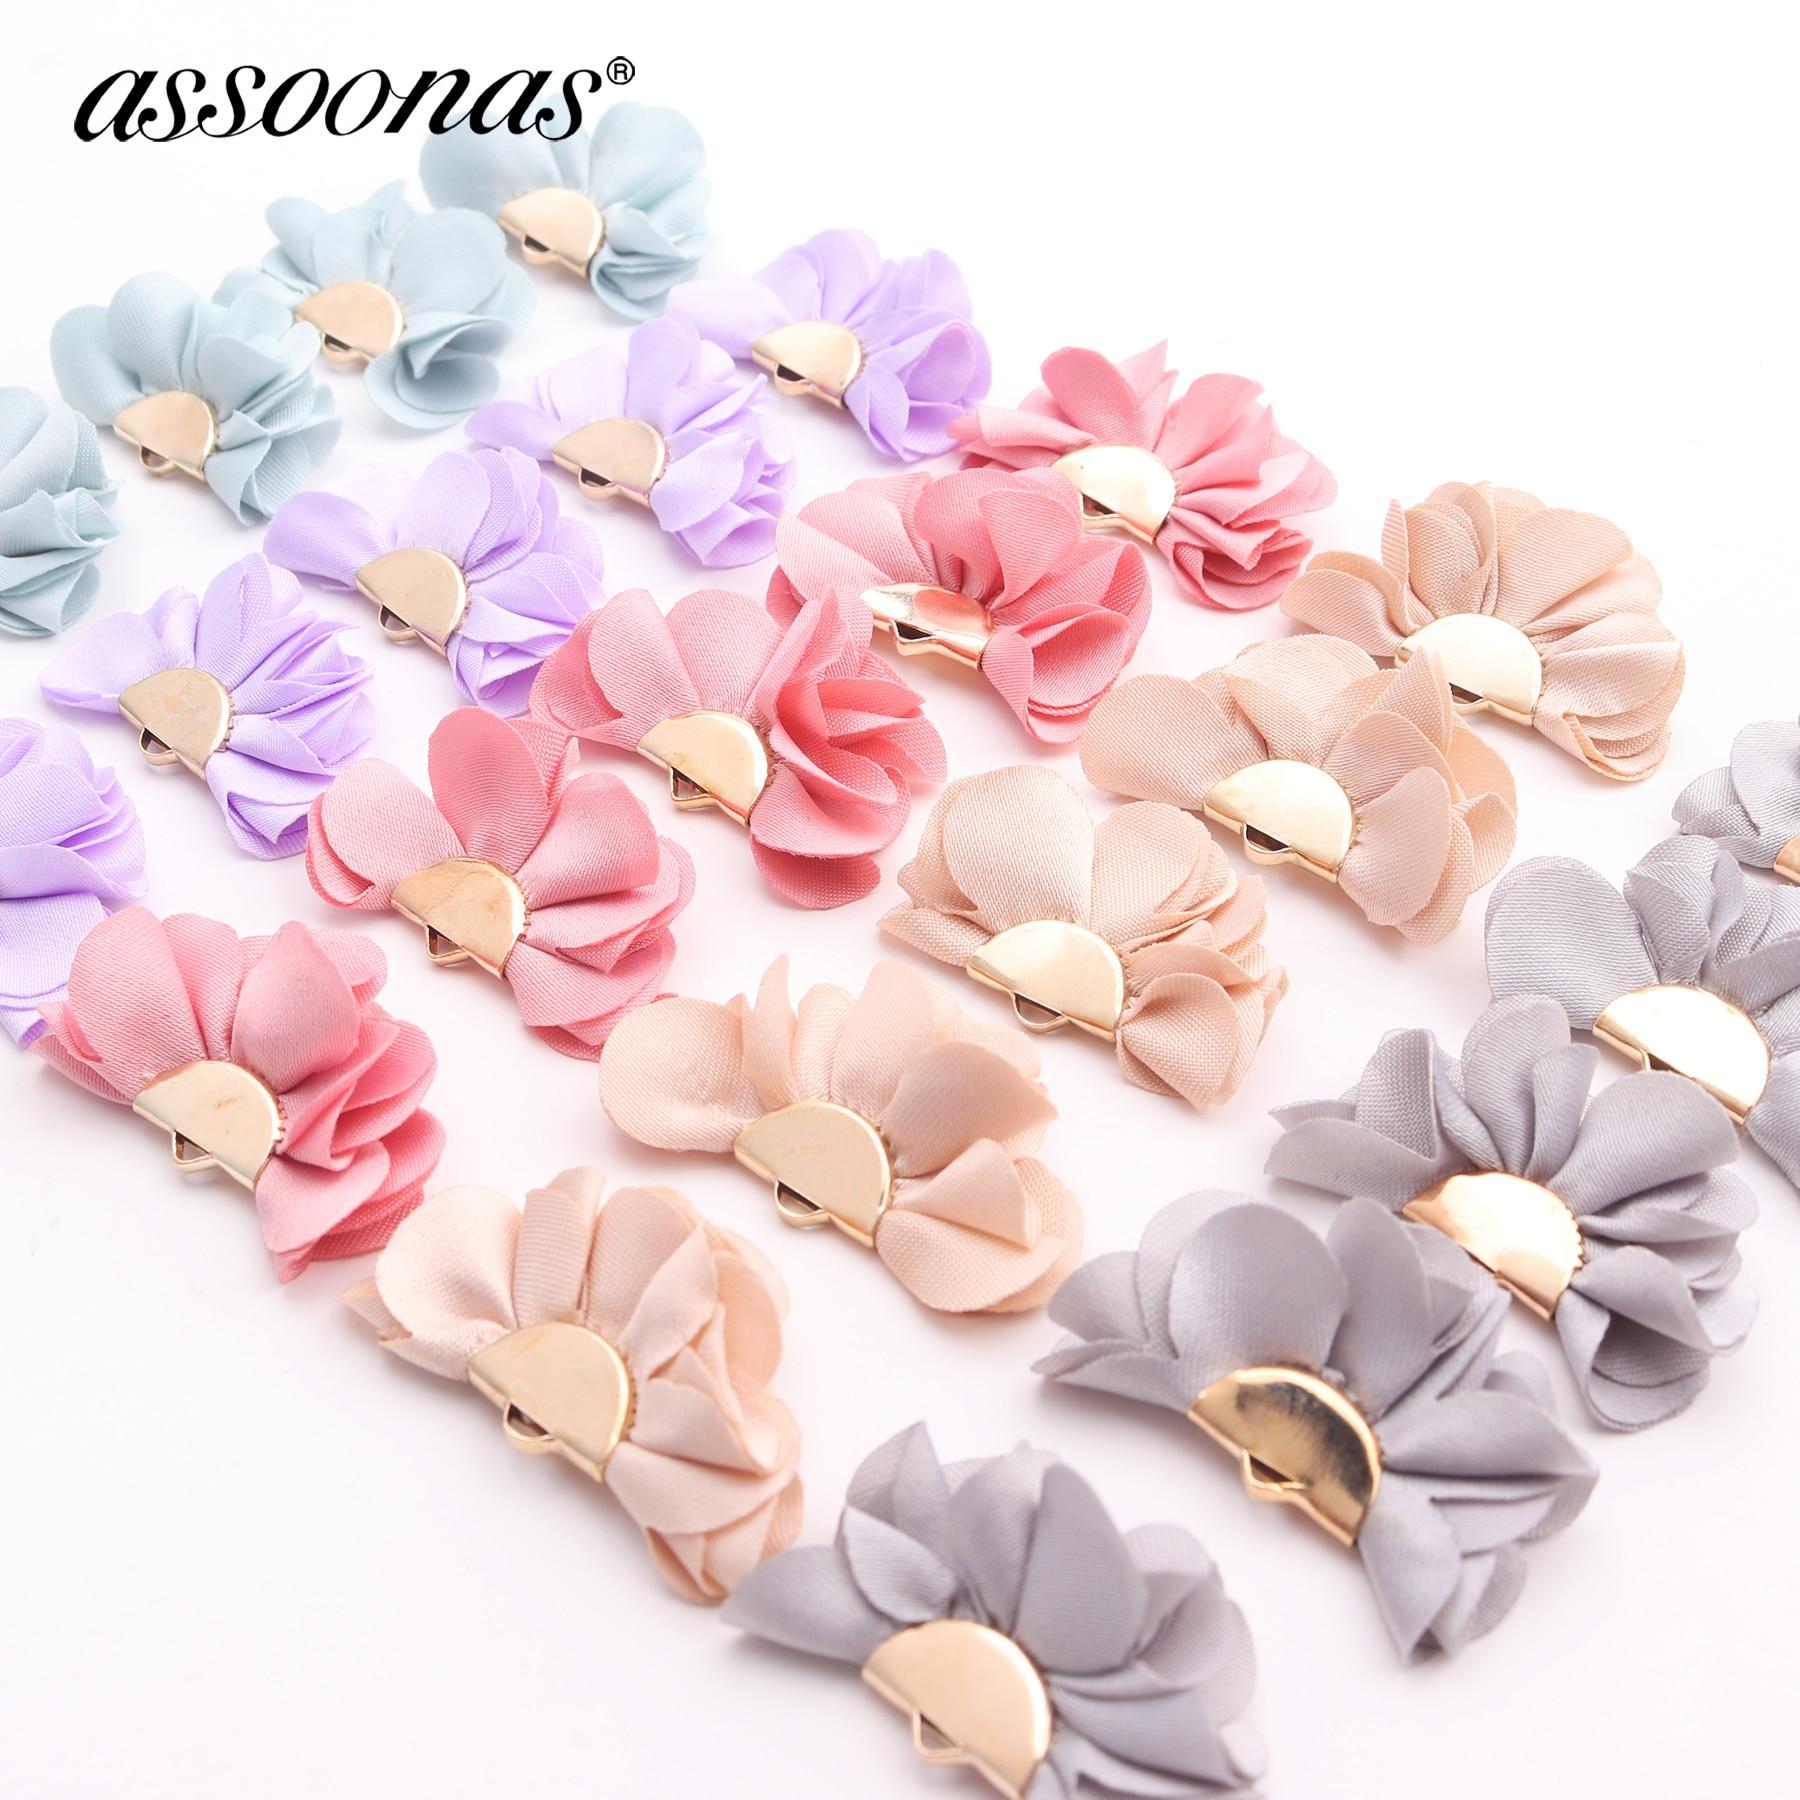 Assoonas F130,flower,jewelry Making,earring Accessories,charms,jewelry Findings,flower Jewelry Decoration,diy Earrings,20pcs/lot